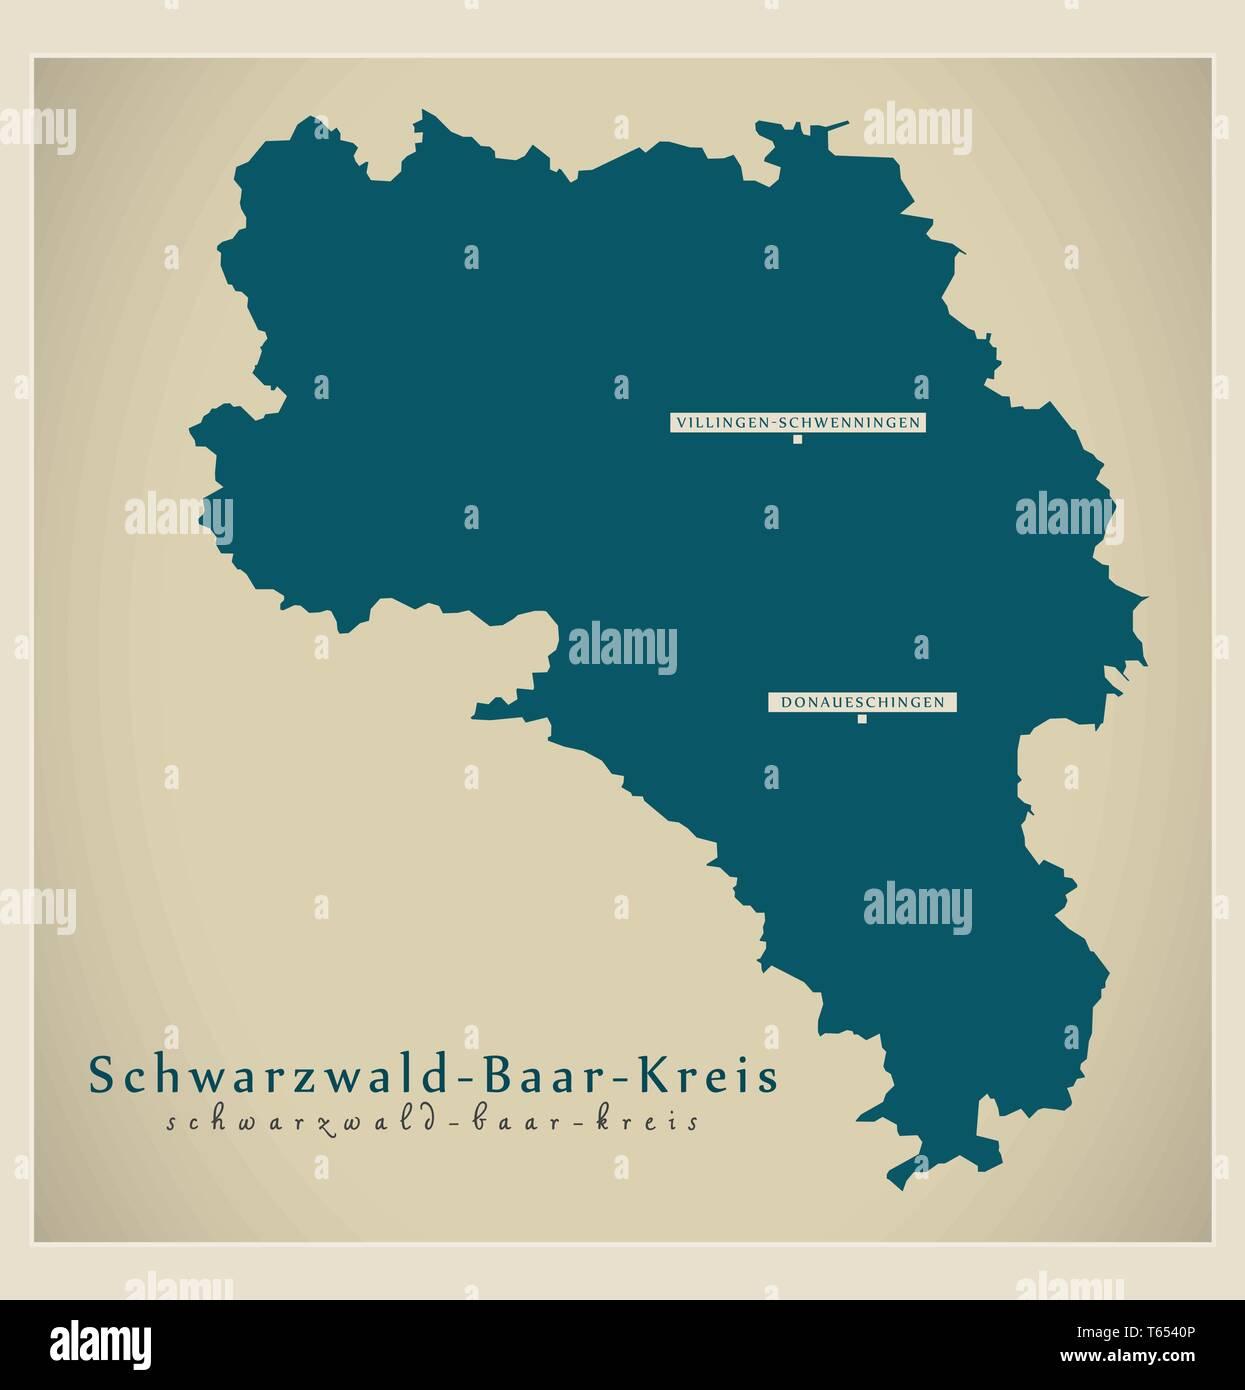 Karte Schwarzwald Zum Ausdrucken.Schwarzwald Baar Kreis Stockfotos Schwarzwald Baar Kreis Bilder